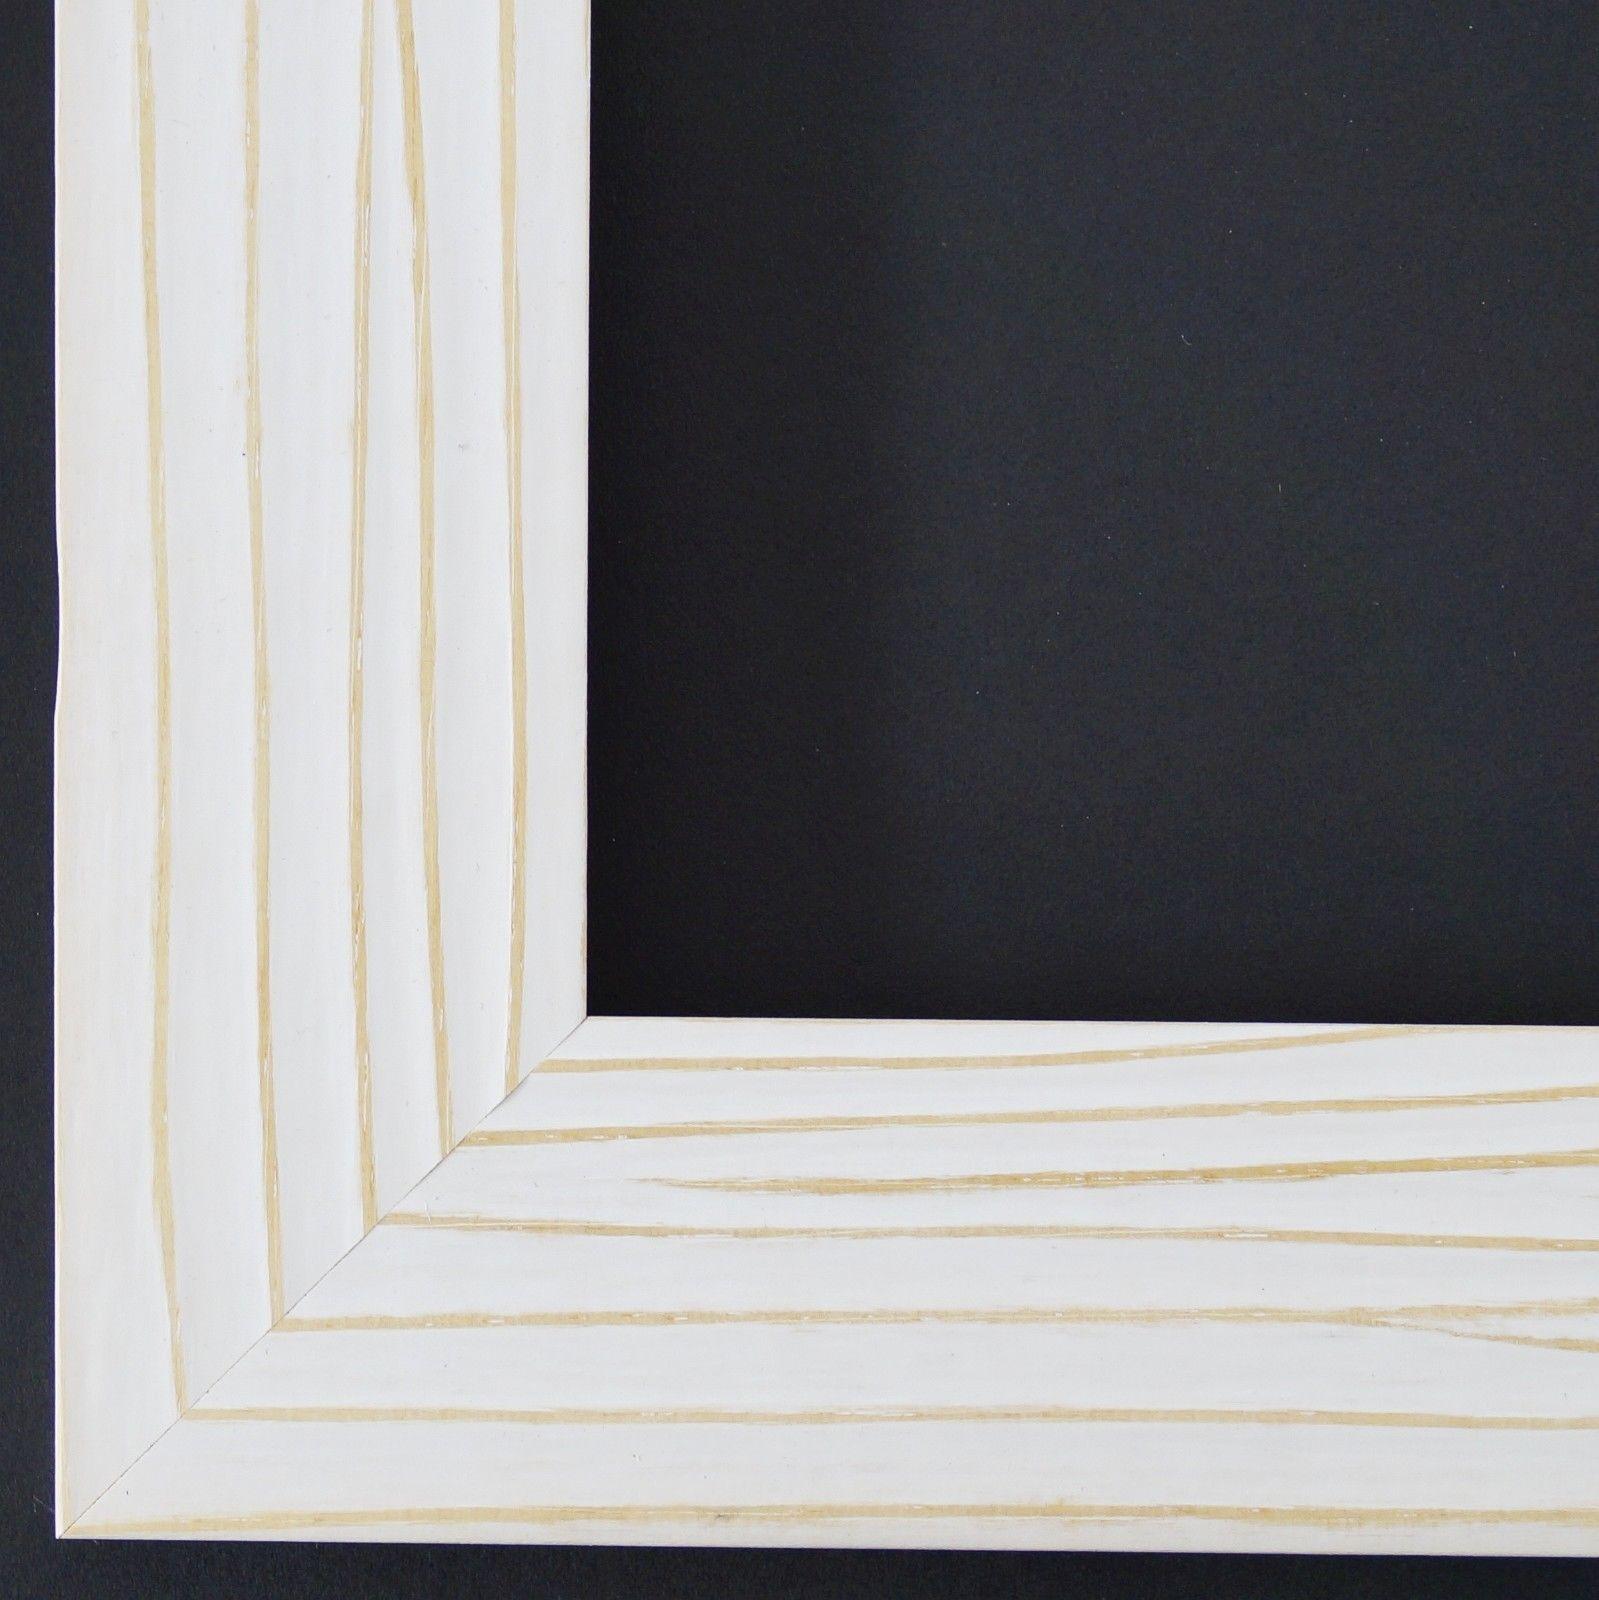 Charmant 18x24 Rahmen Weiß Galerie - Benutzerdefinierte Bilderrahmen ...